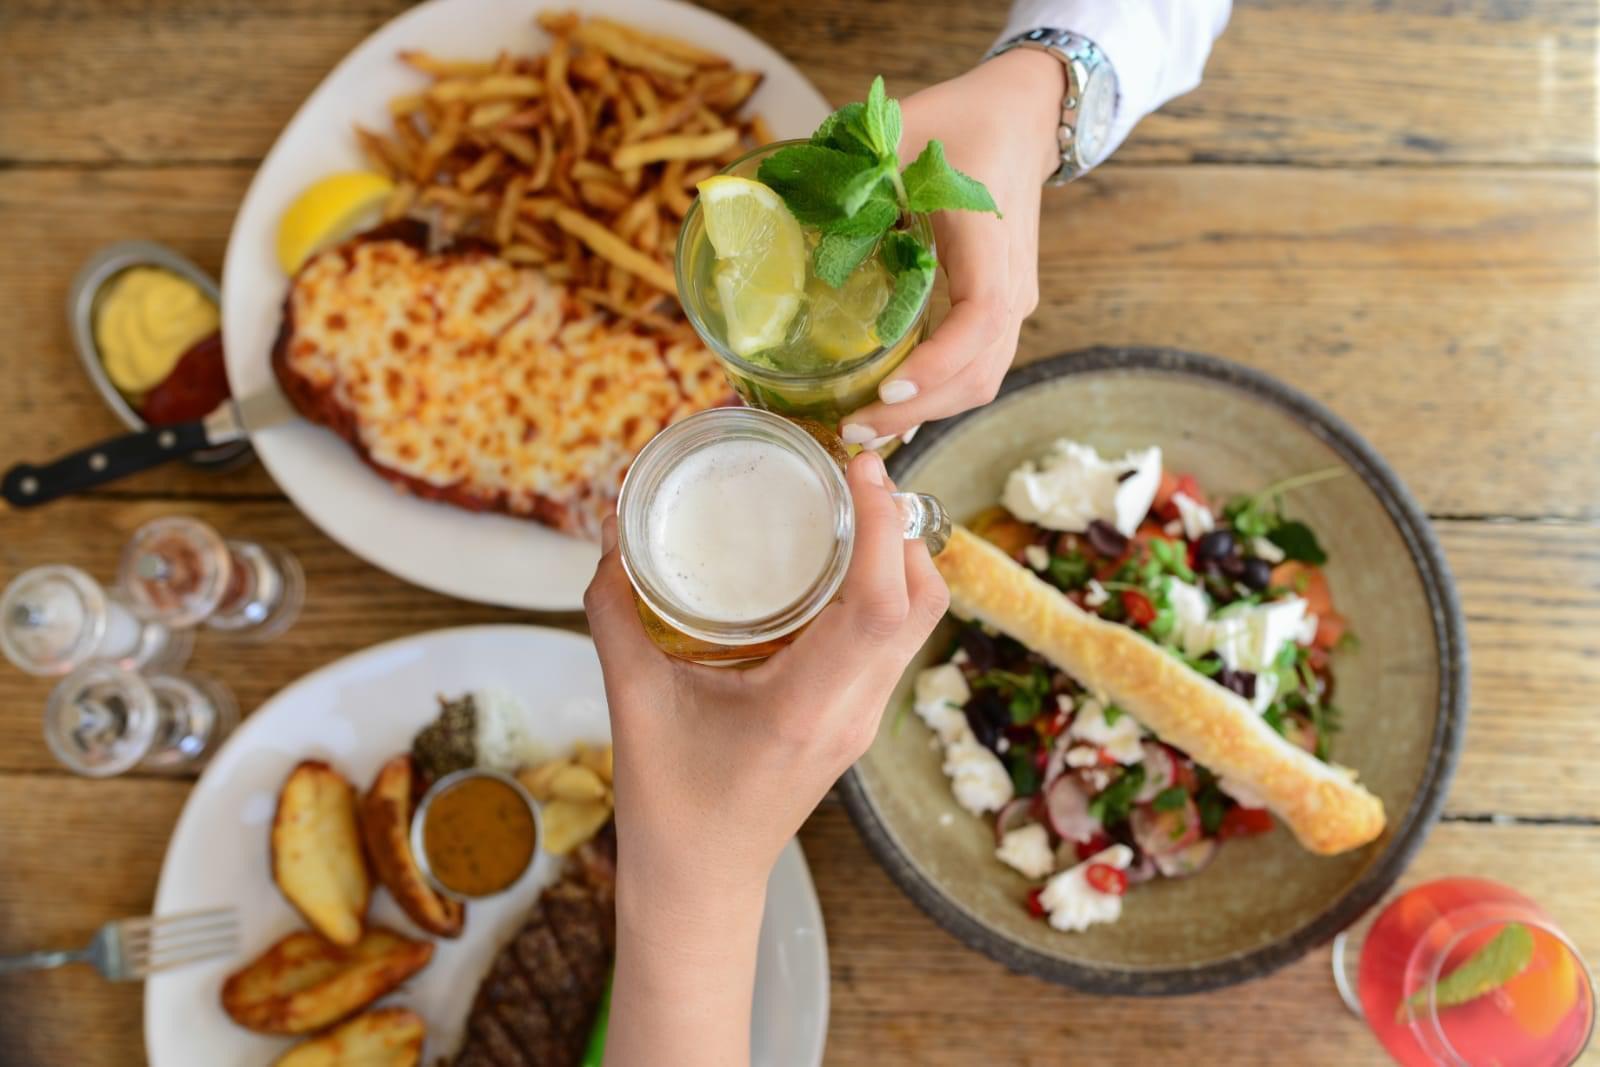 ארוחה איטלקית. צילום: לינה מיארה